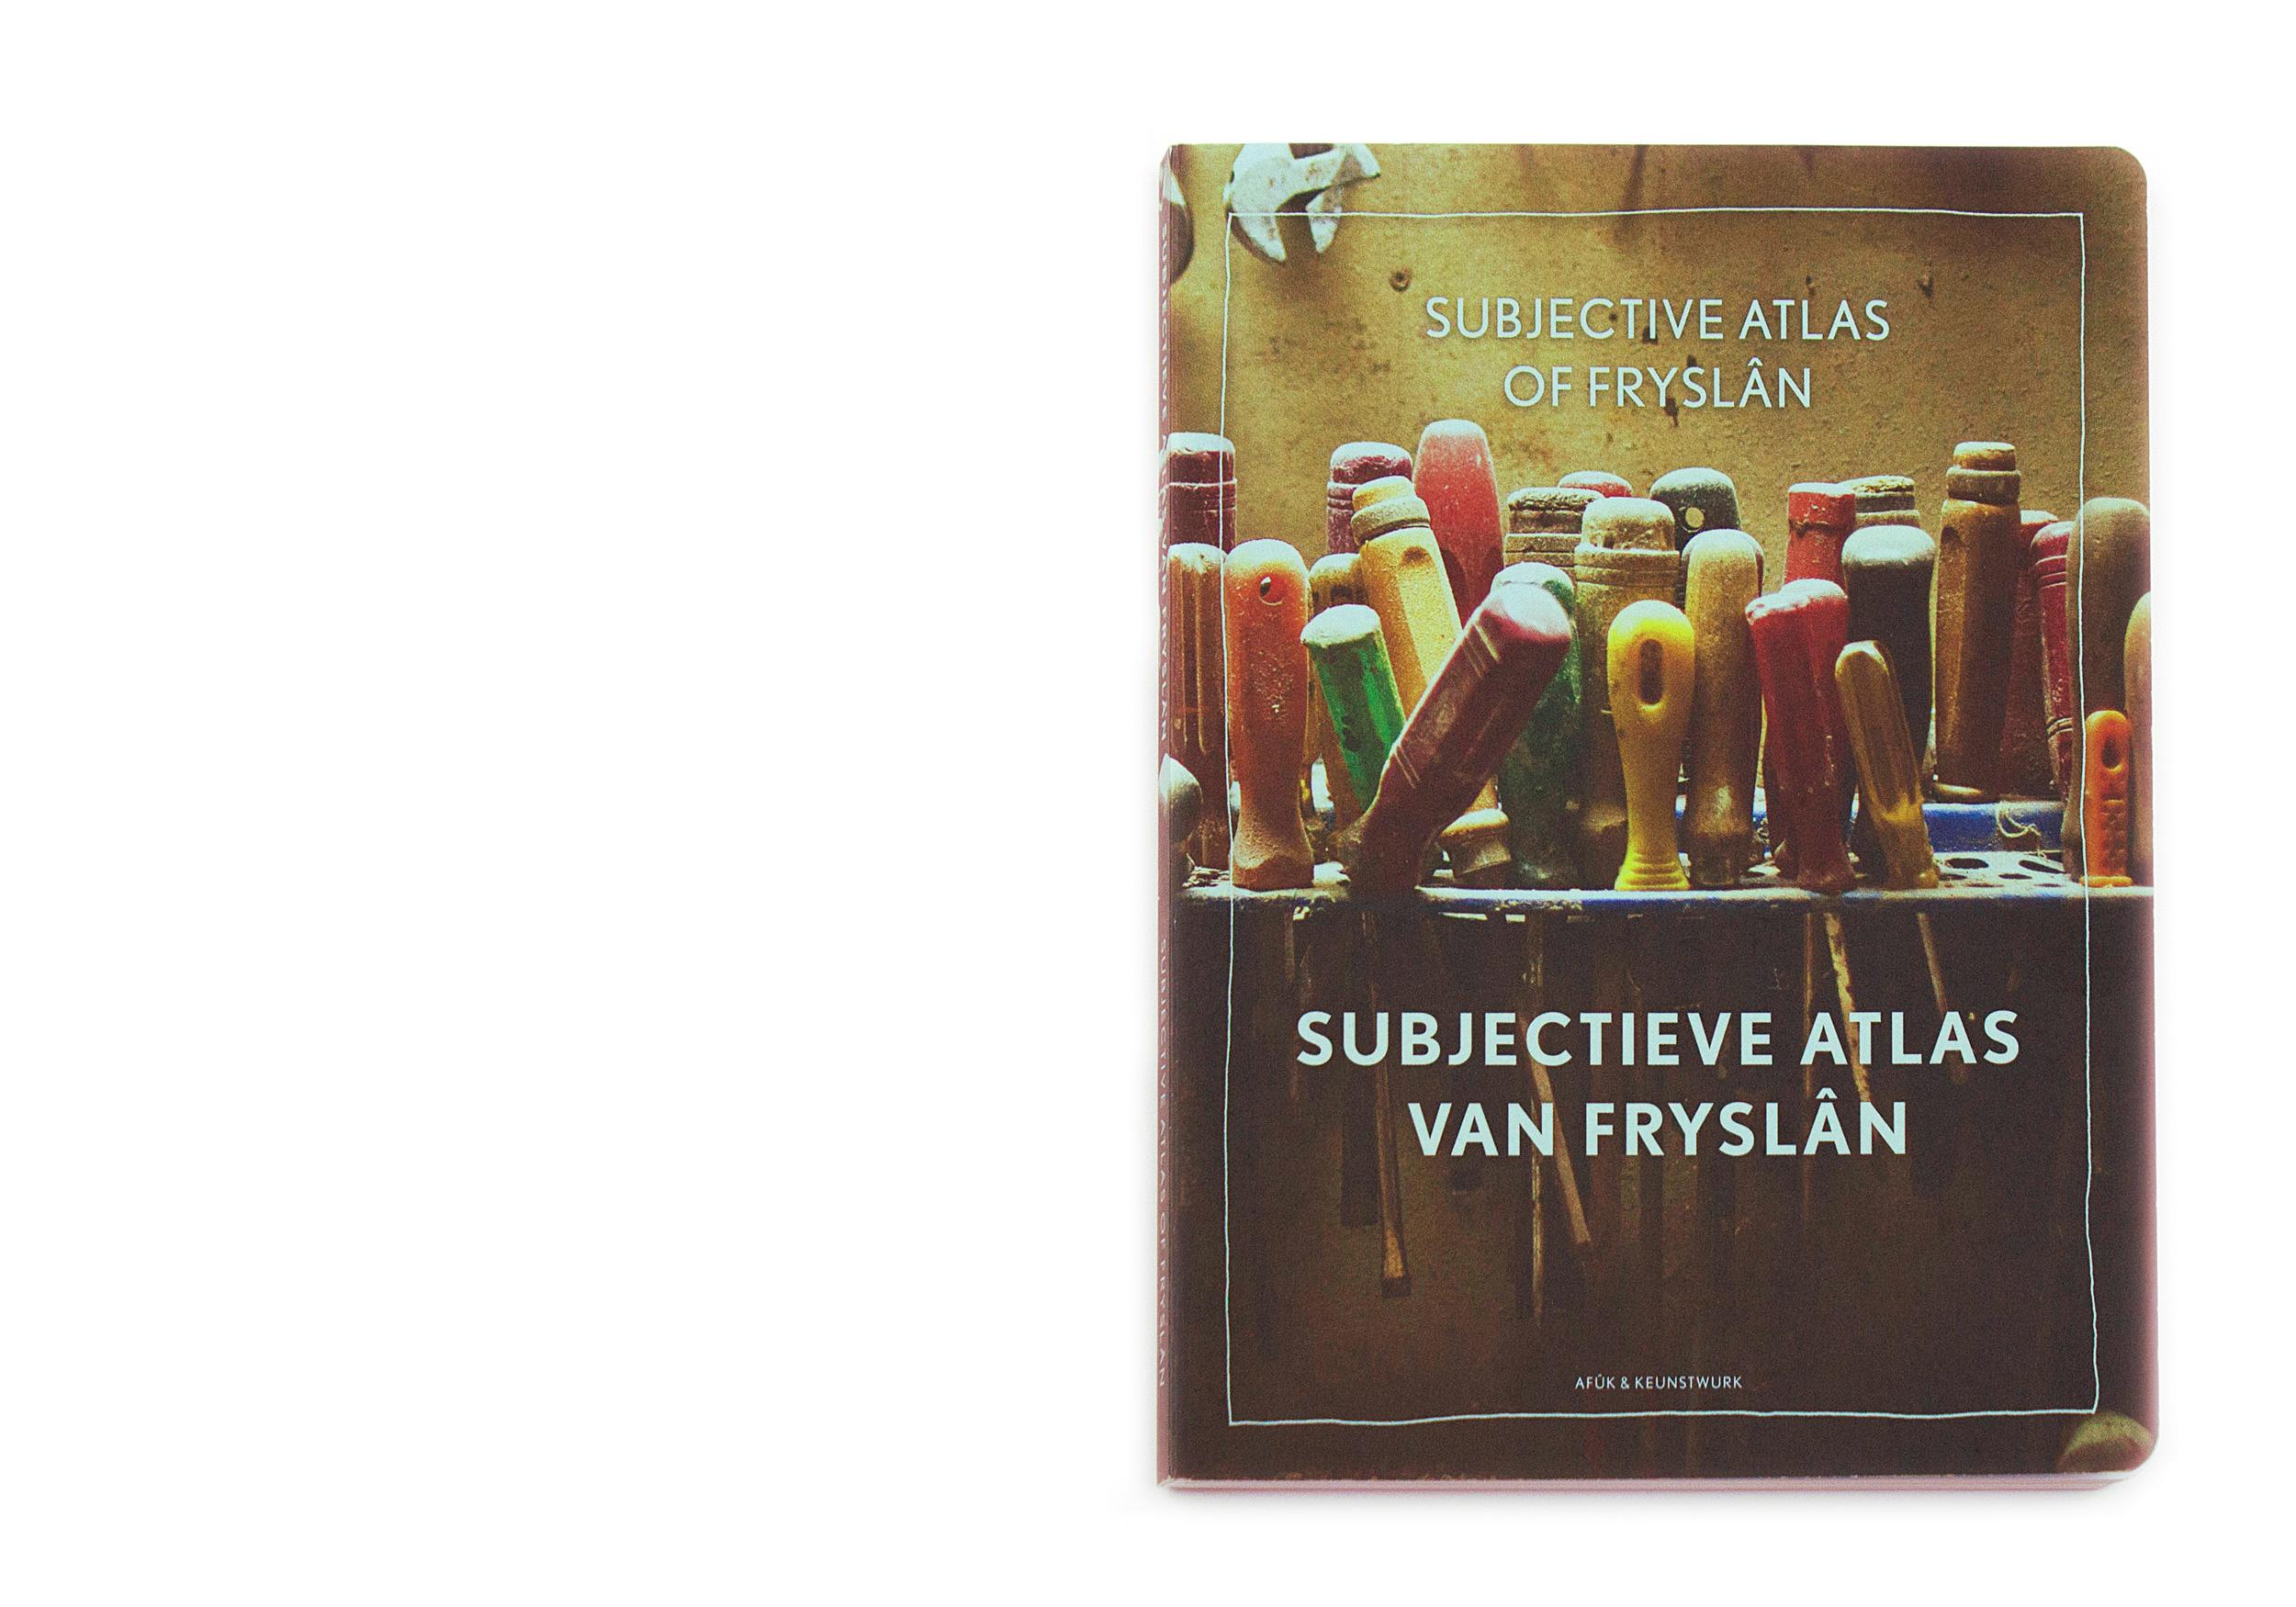 SubjectiveAtlasFryslan_01.jpg